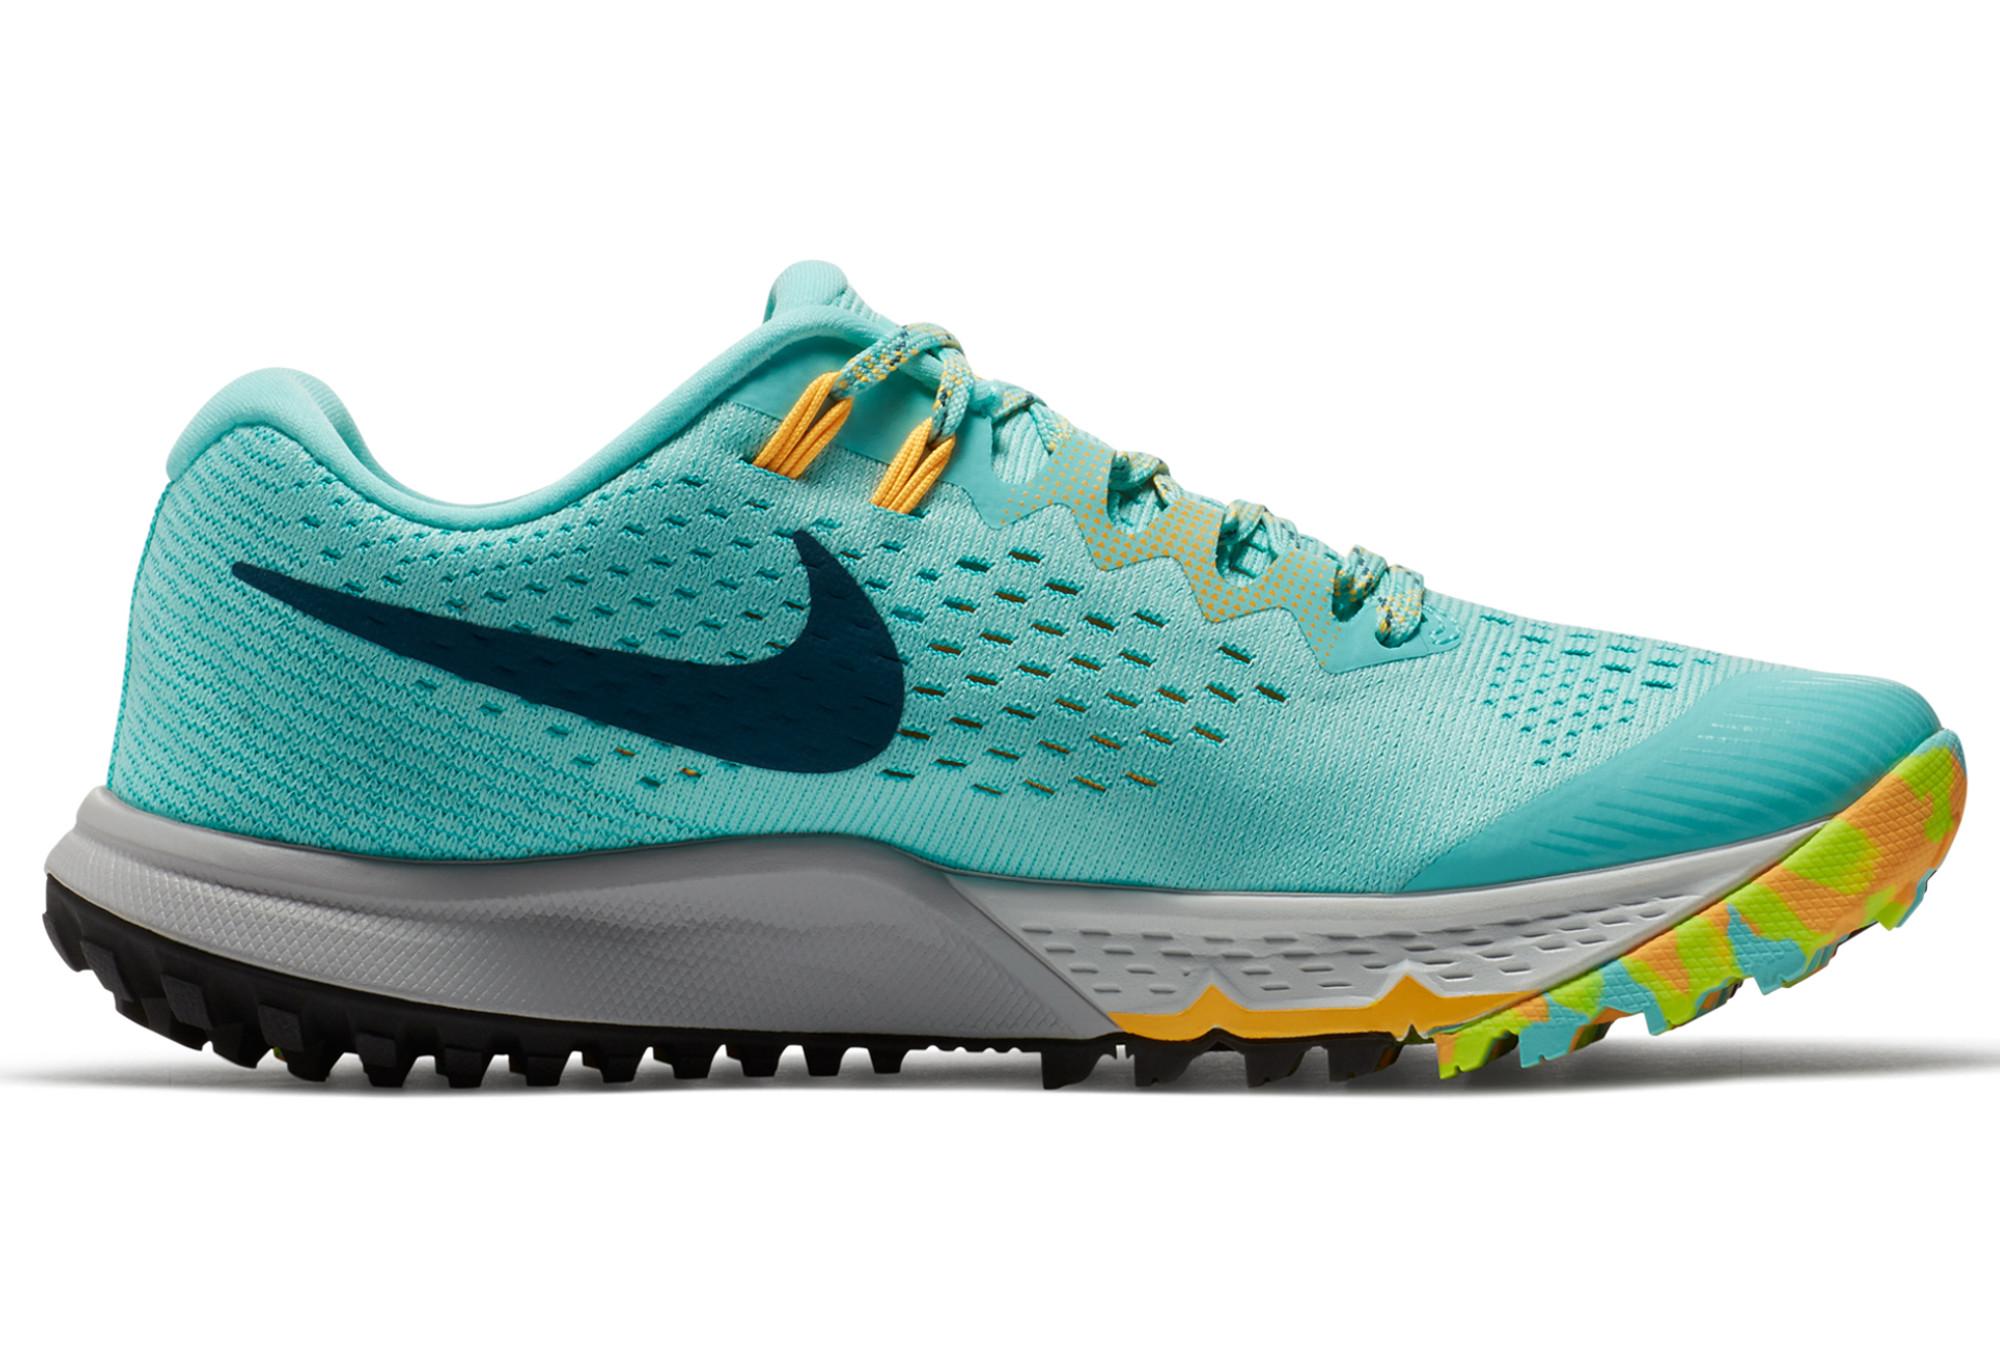 Nike Air Zoom Terra Kiger 4 Zapatillas para mujer Talla 5.5